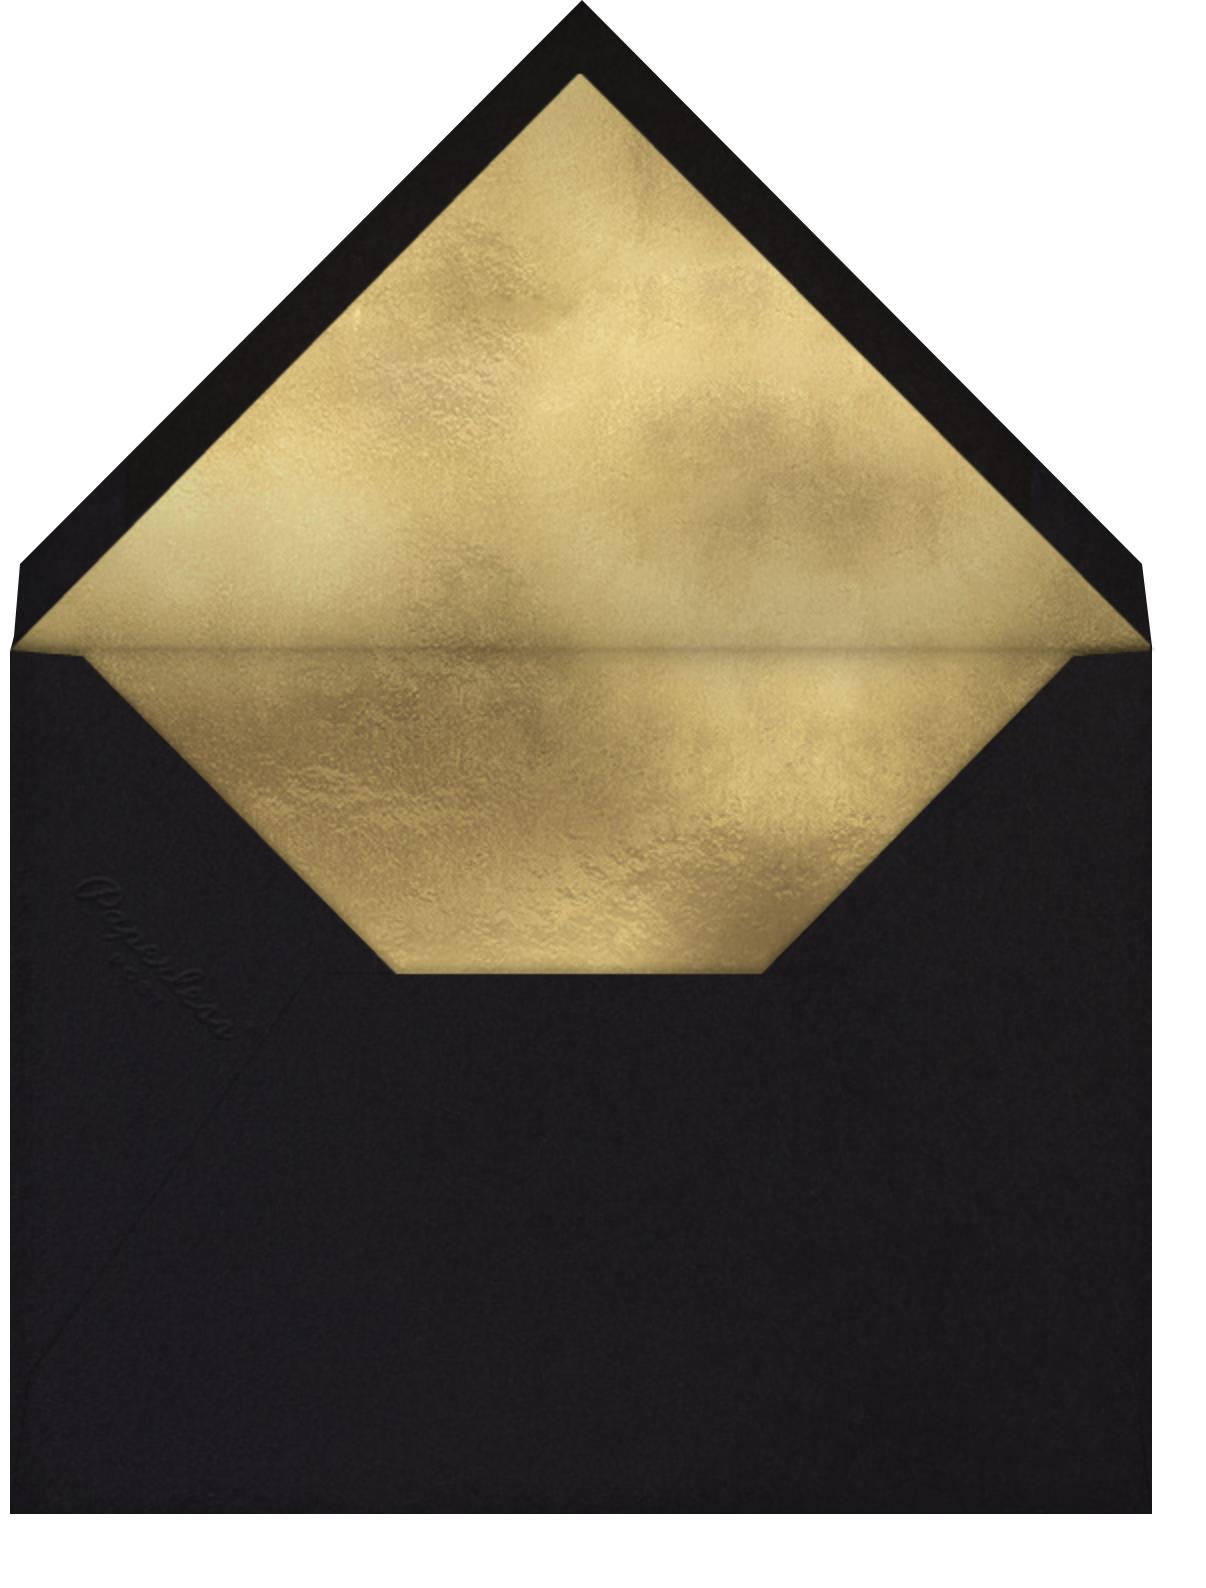 Gold Finger - Schiaparelli - Jonathan Adler - Surprise party - envelope back